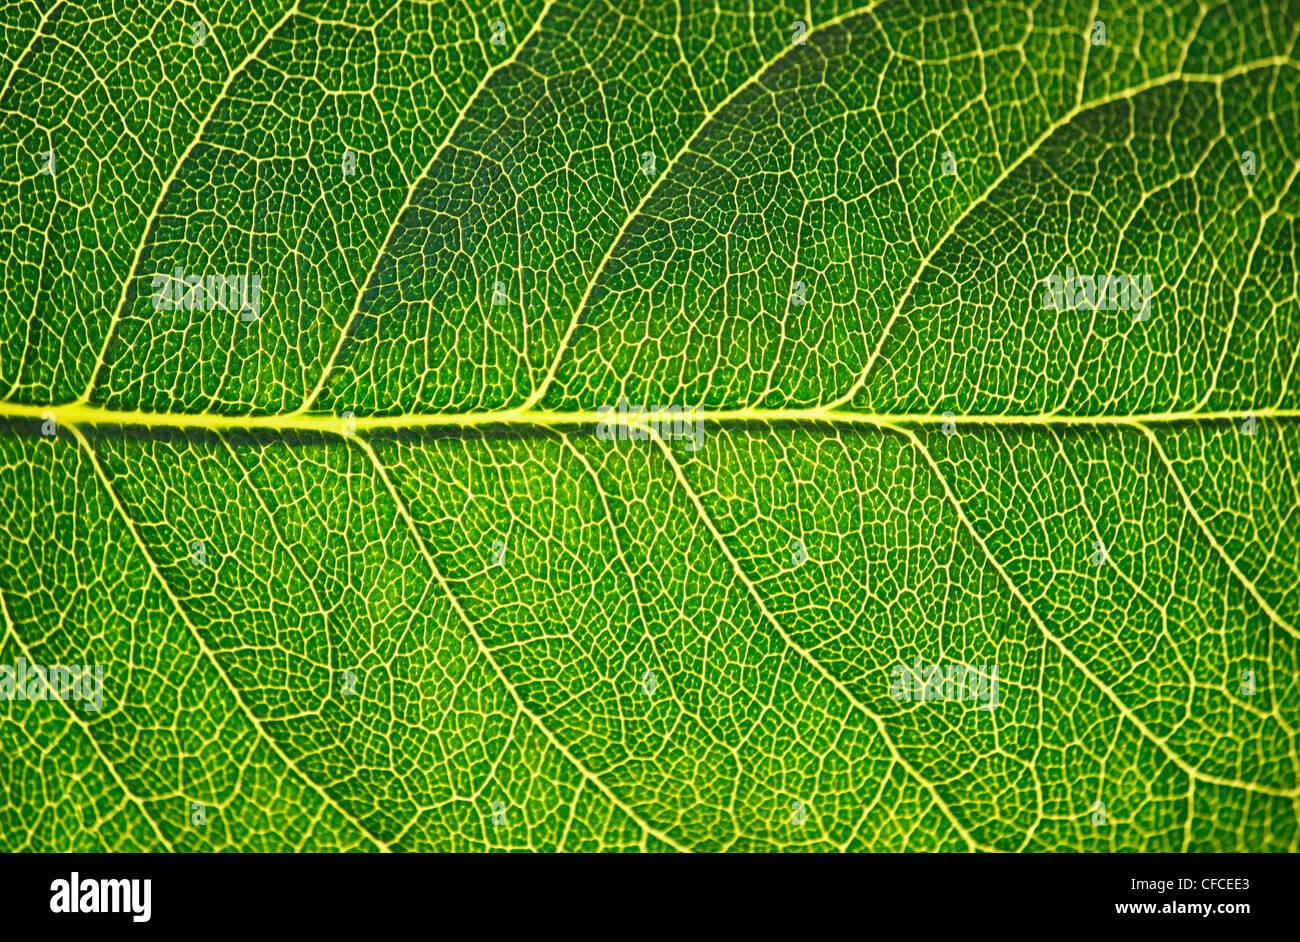 Texture de la feuille verte en soleil, macro Photo Stock